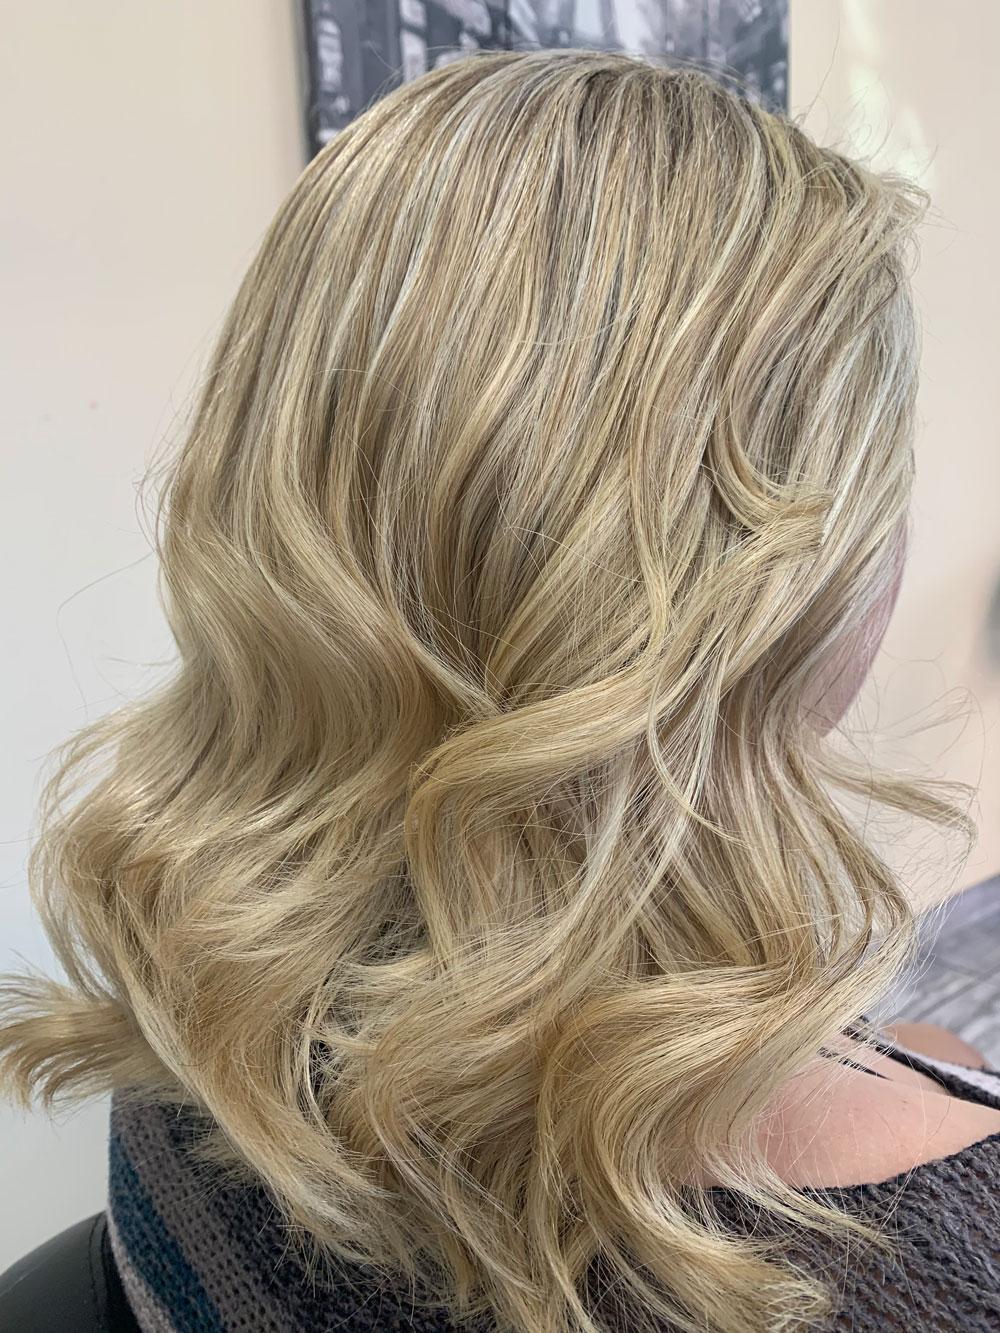 kramer-paris-hair-salon-00145